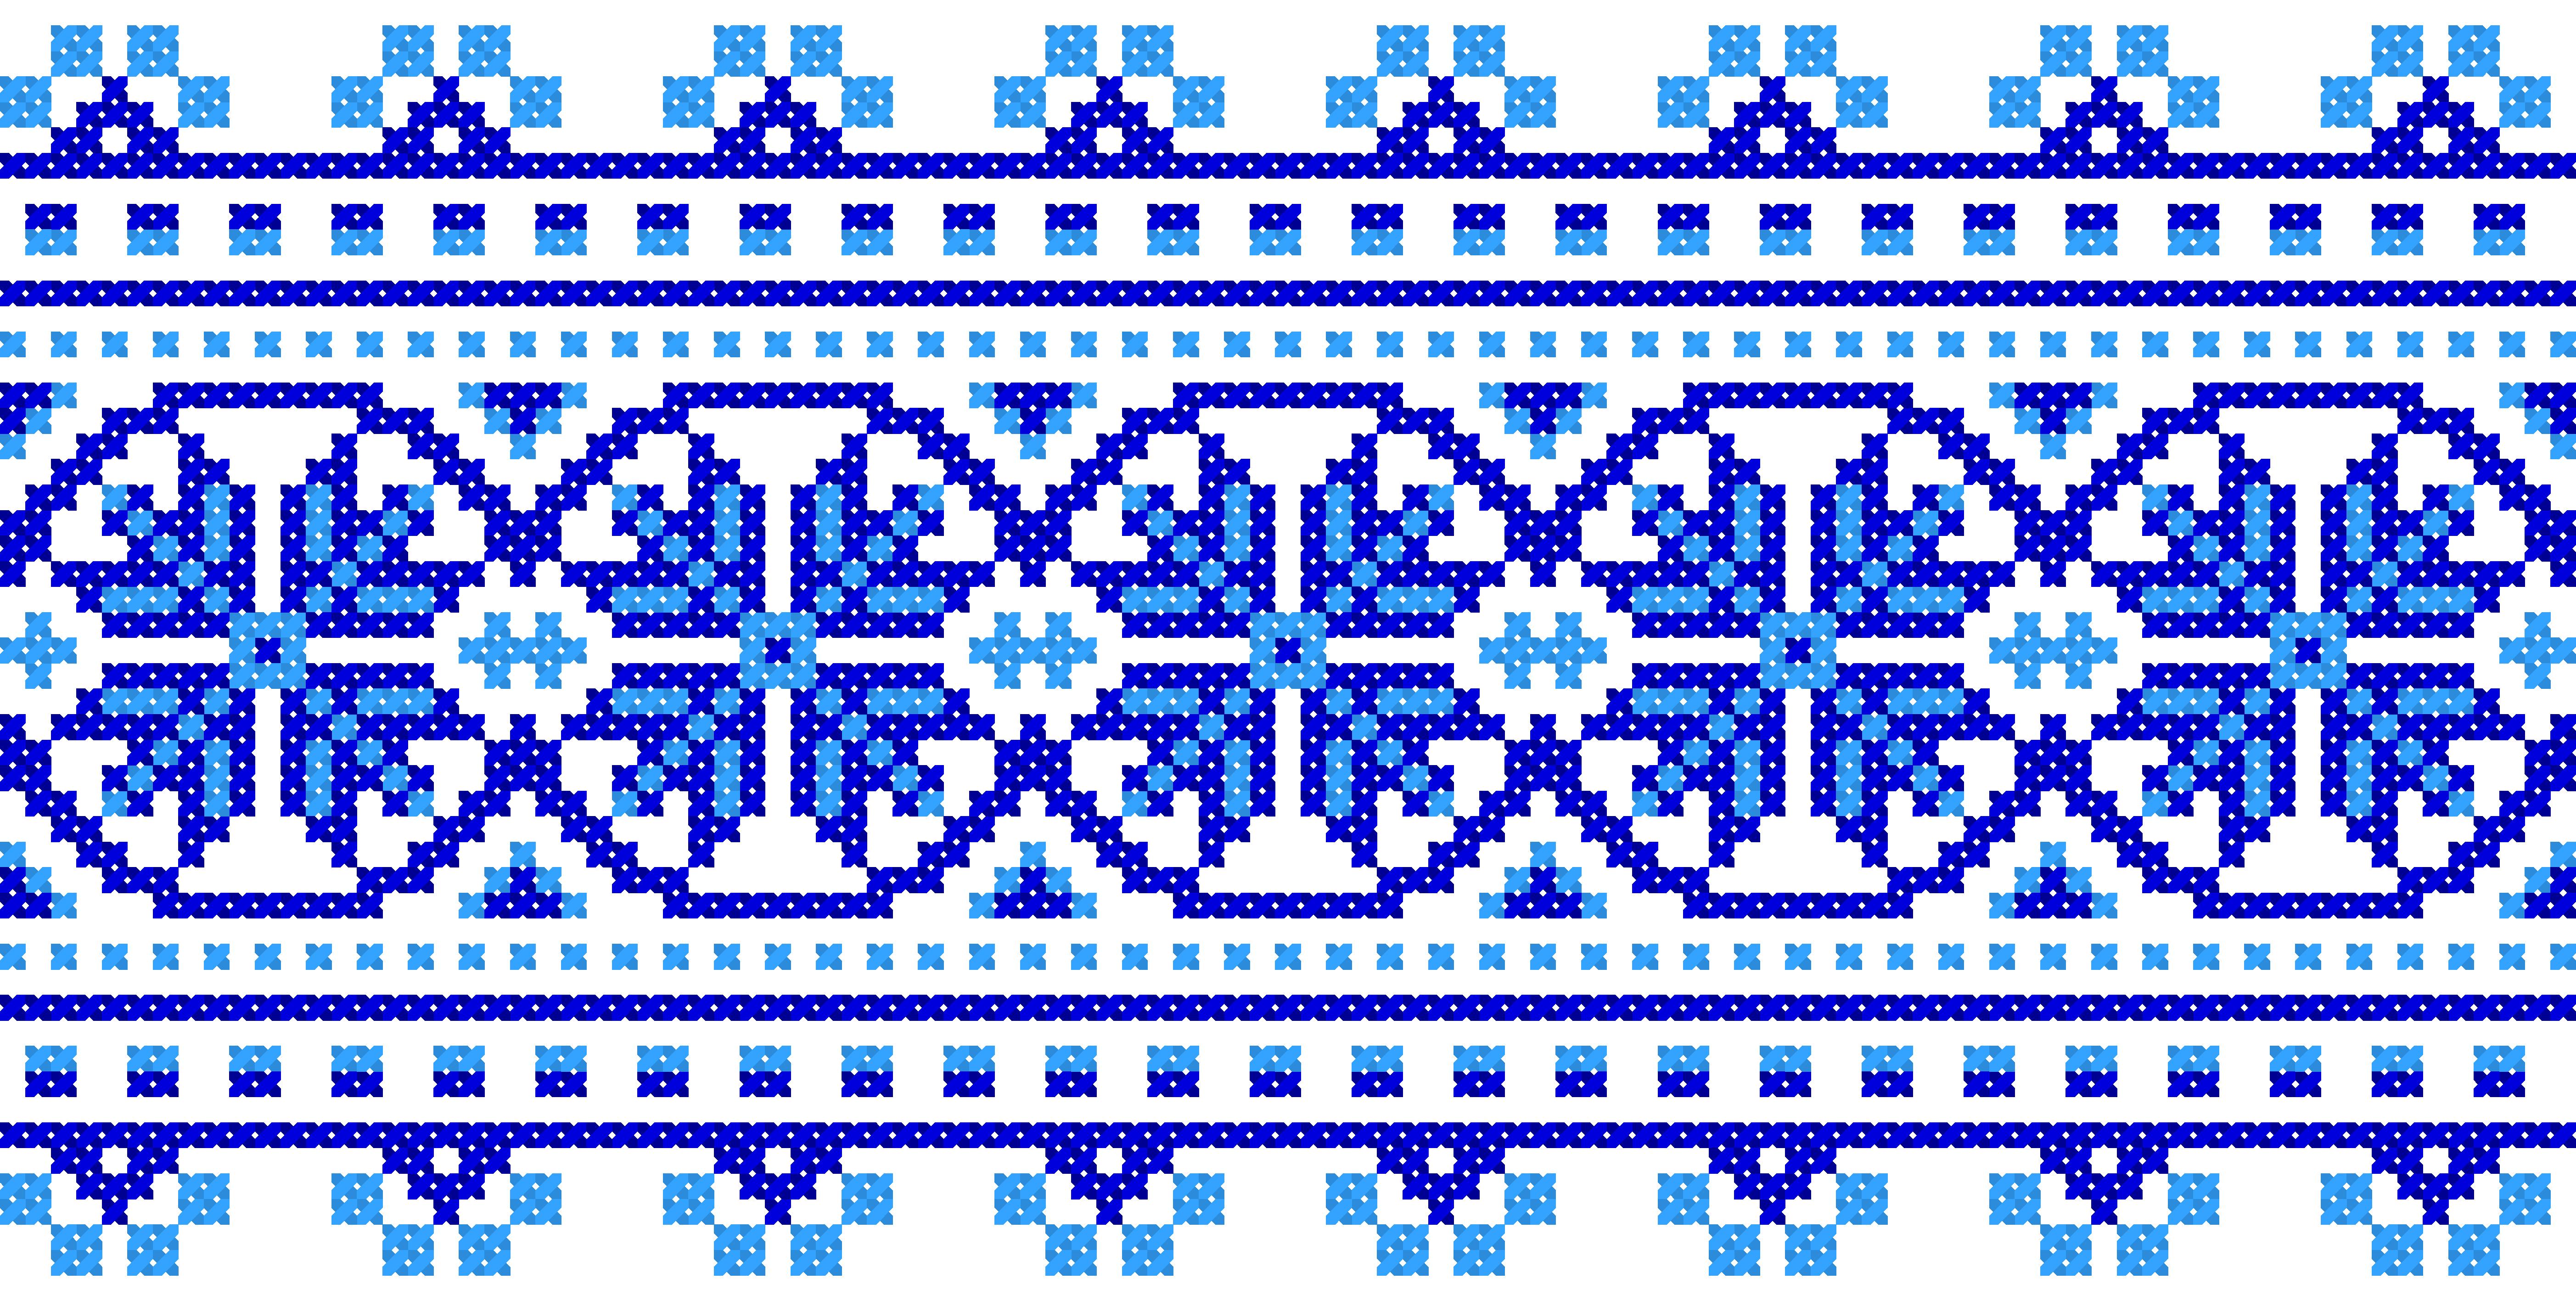 копии очень картинки украинские вышиванки на прозрачном фоне закованности ошейник создает